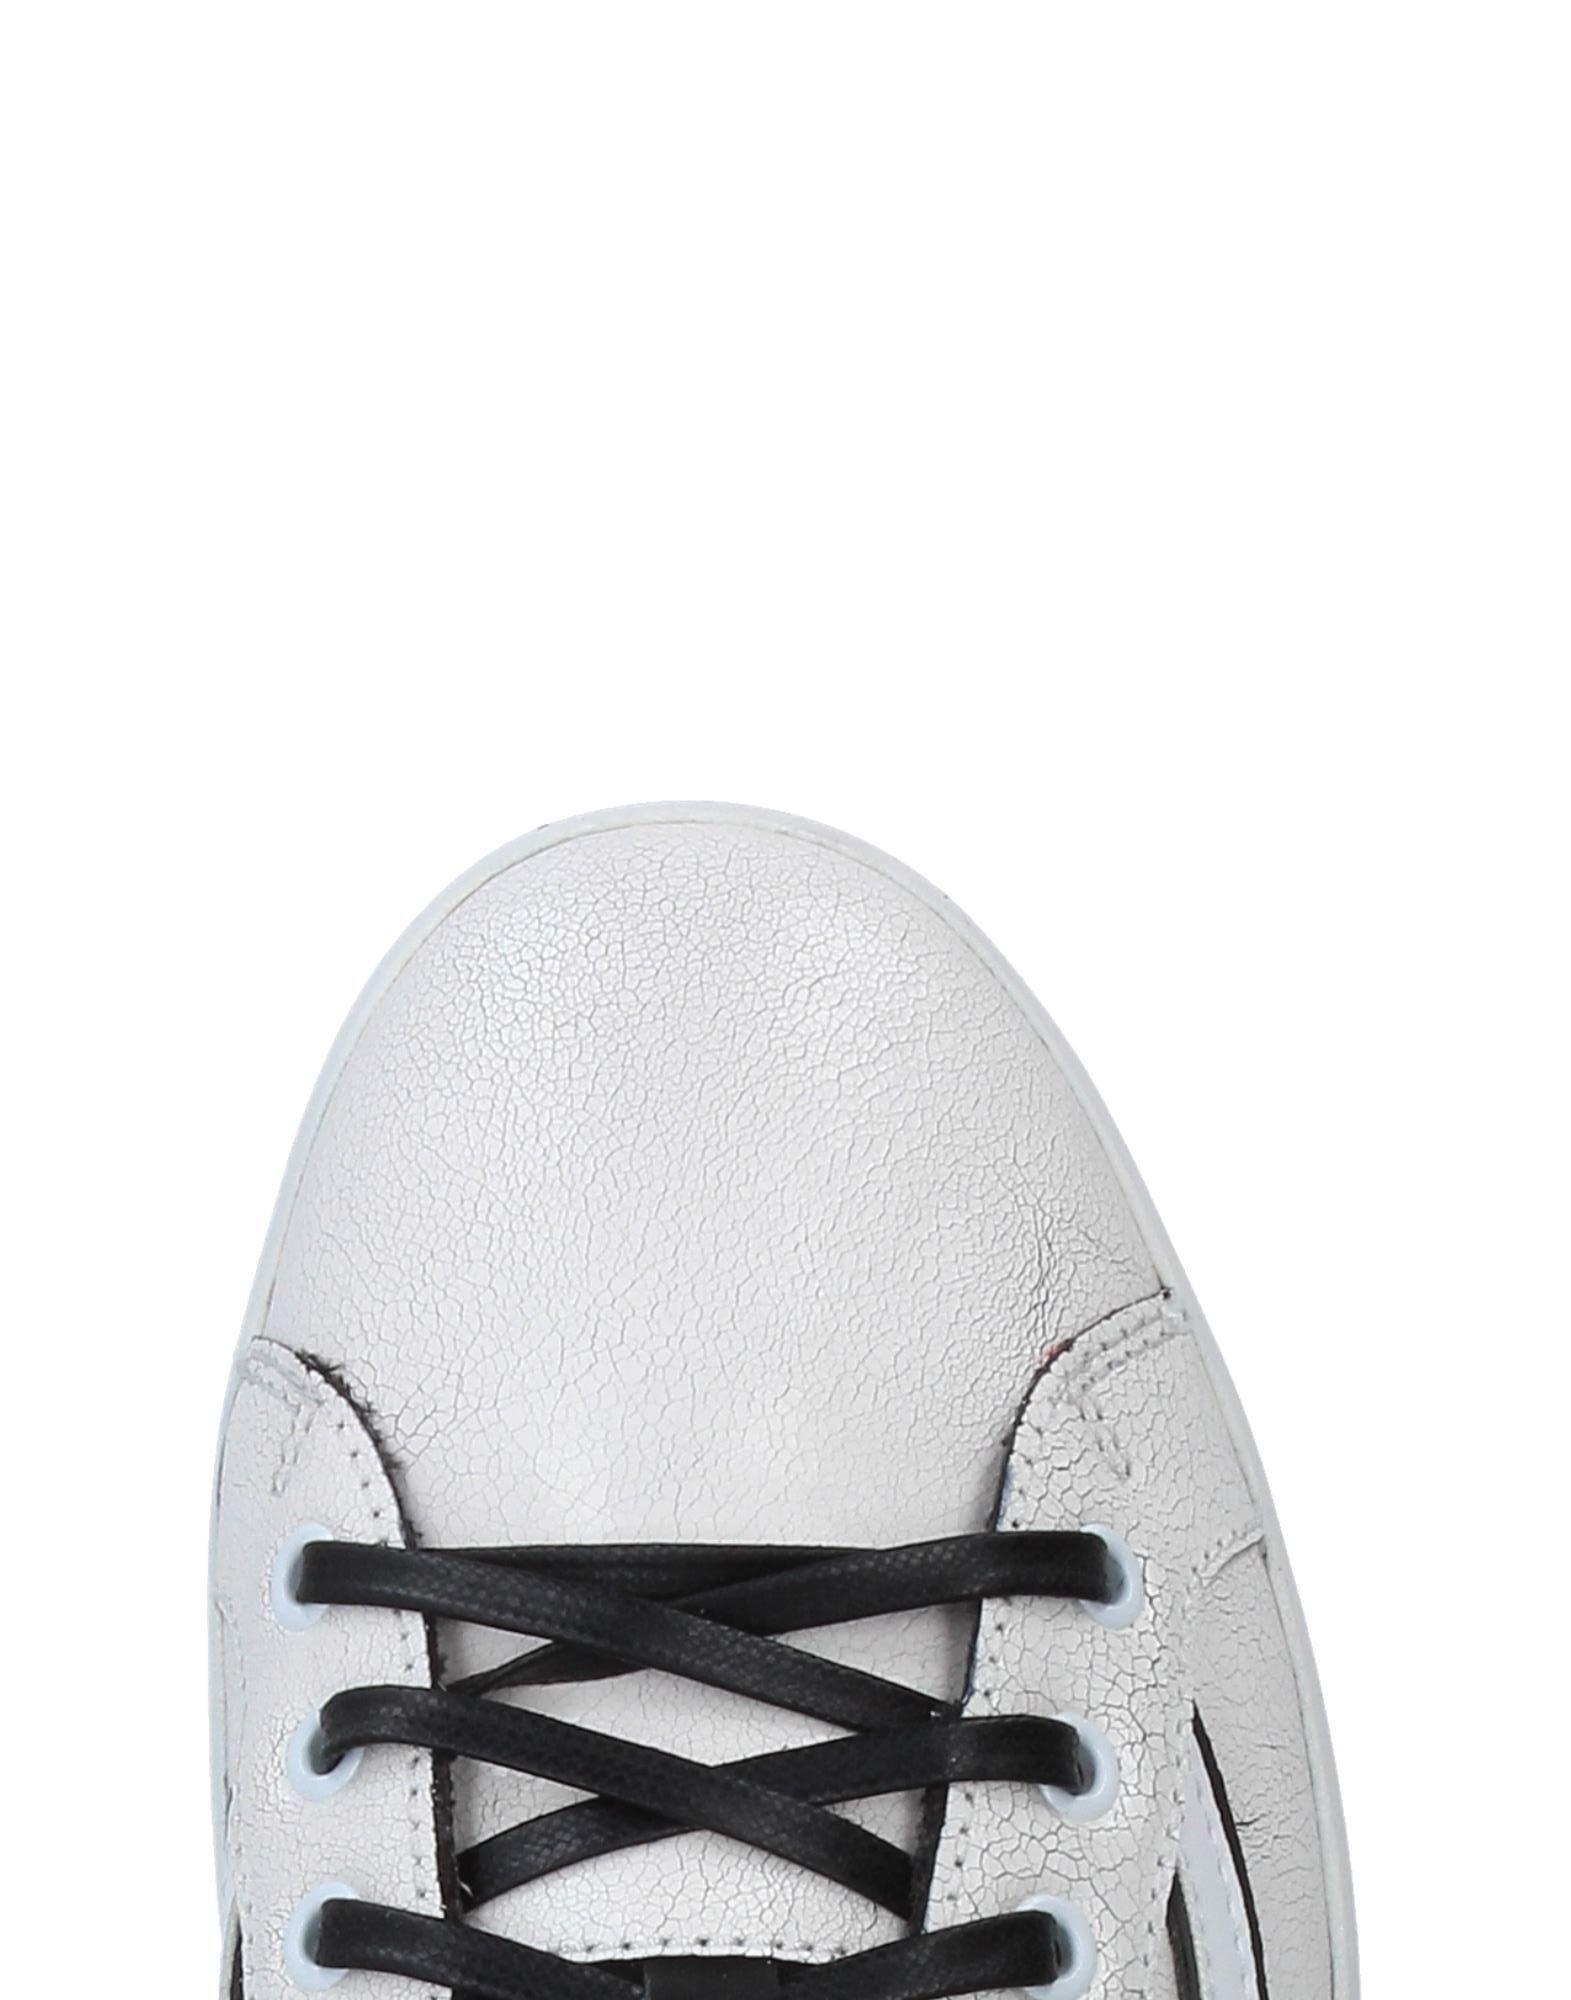 Primabase Sneakers Herren beliebte  11298784SO Gute Qualität beliebte Herren Schuhe 97fa4d